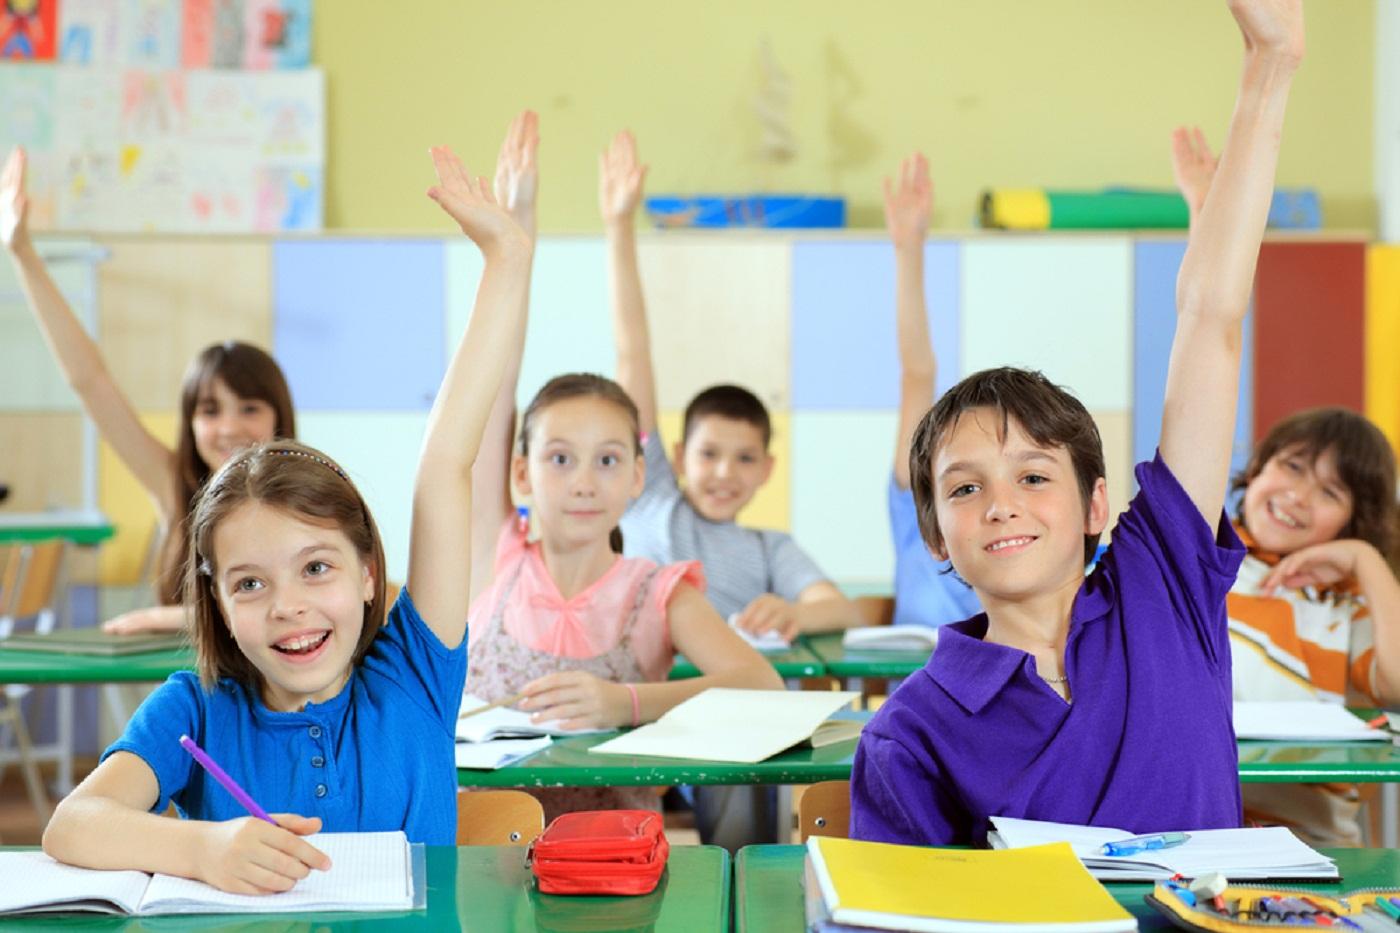 elementary-class-raising-hands1.jpg